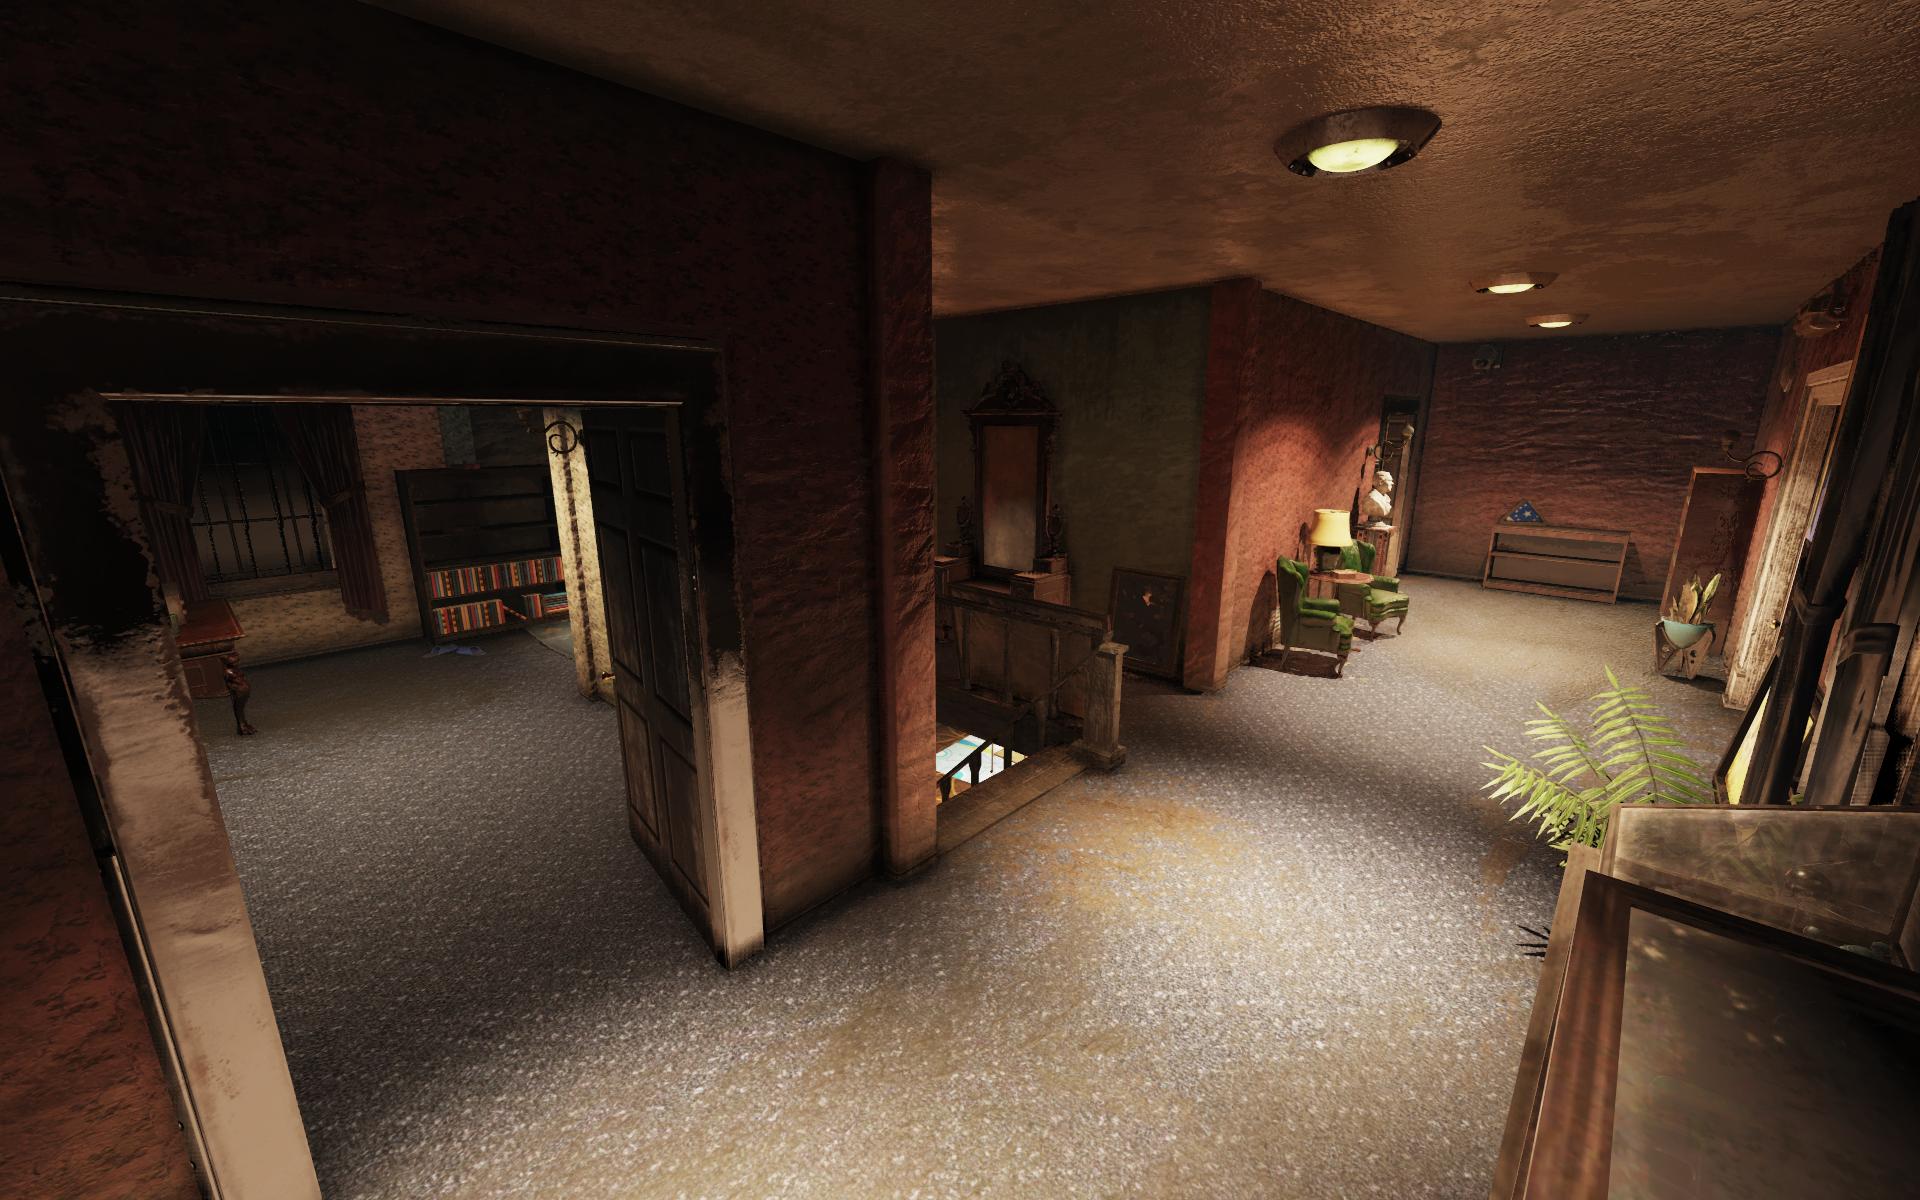 FO76 Overseer's home second floor